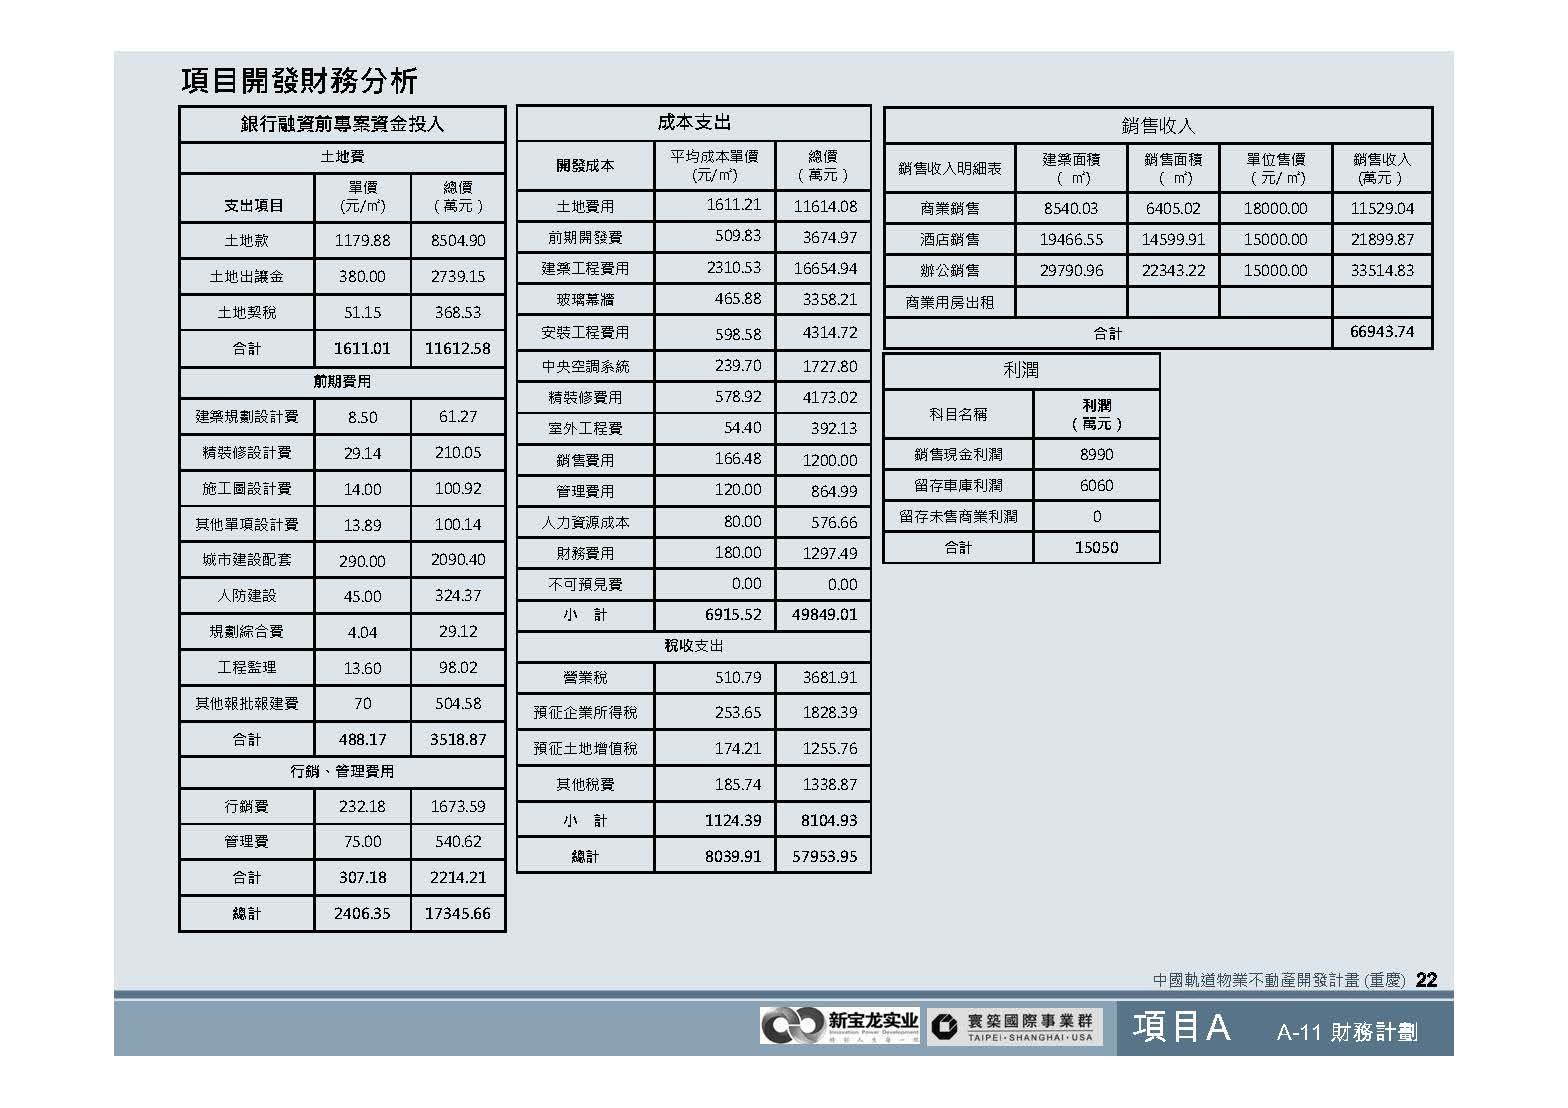 20100812-中國軌道物業不動產開發計畫(重慶)_頁面_23